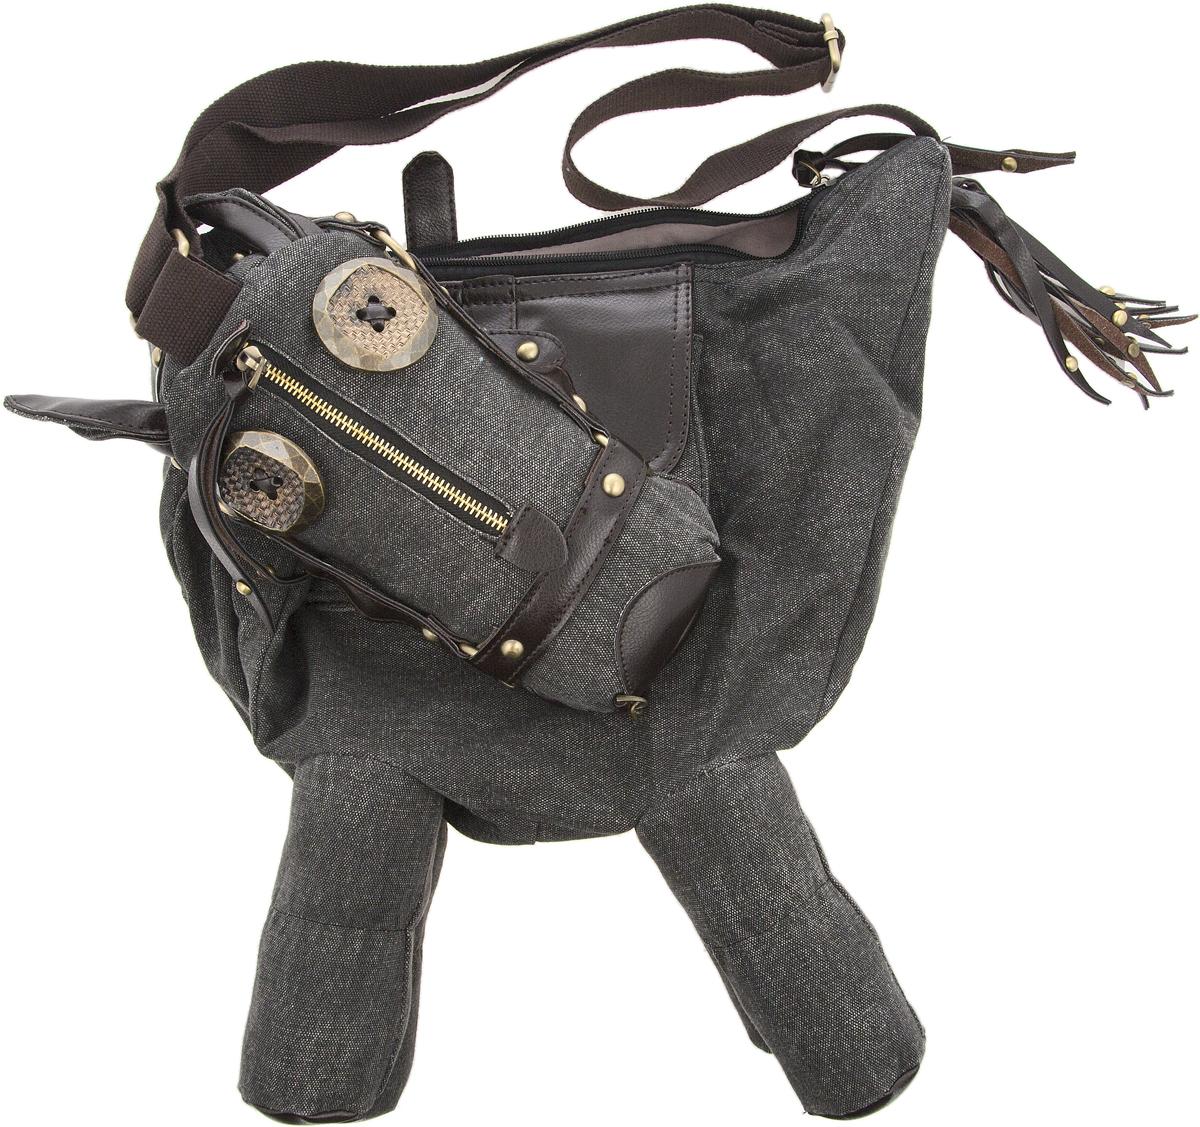 Сумка дизайнерская YusliQ Пони, цвет: темно-серый, коричневый, 41 х 47 см. SP-02EQW-M710DB-1A1Стильная сумка Пони пригодится тебе в учебе, в путешествии, и в повседневном использовании. Просторное основное отделение закрывается на молнию. Ремешок позволяет носить сумку как на плече, так и через плечо. Материал: холст, кожа, металл.